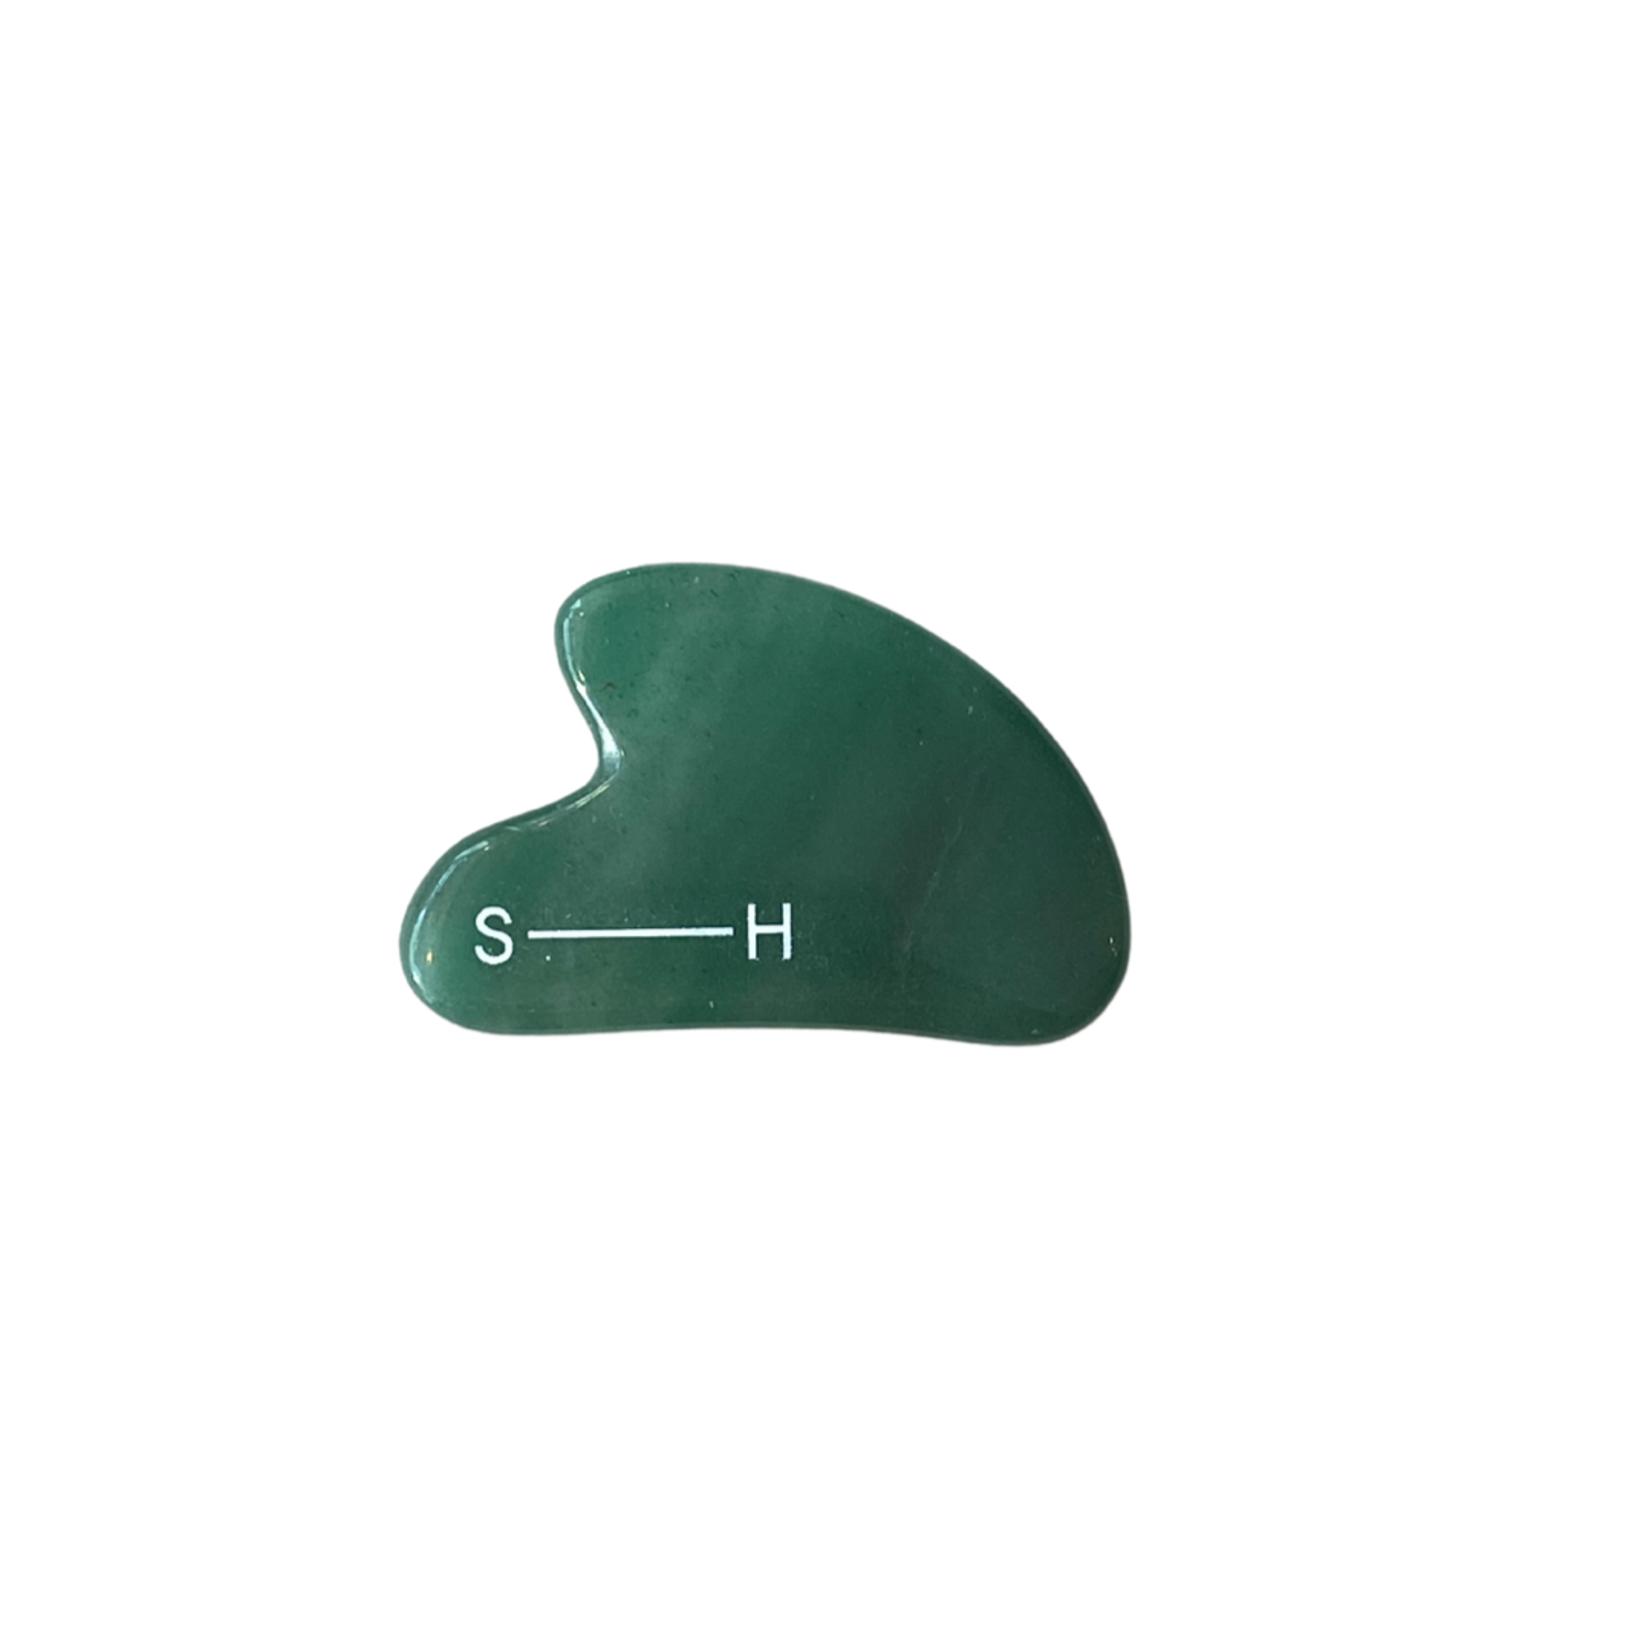 Le suppliher GUA SHA Jade vert foncé